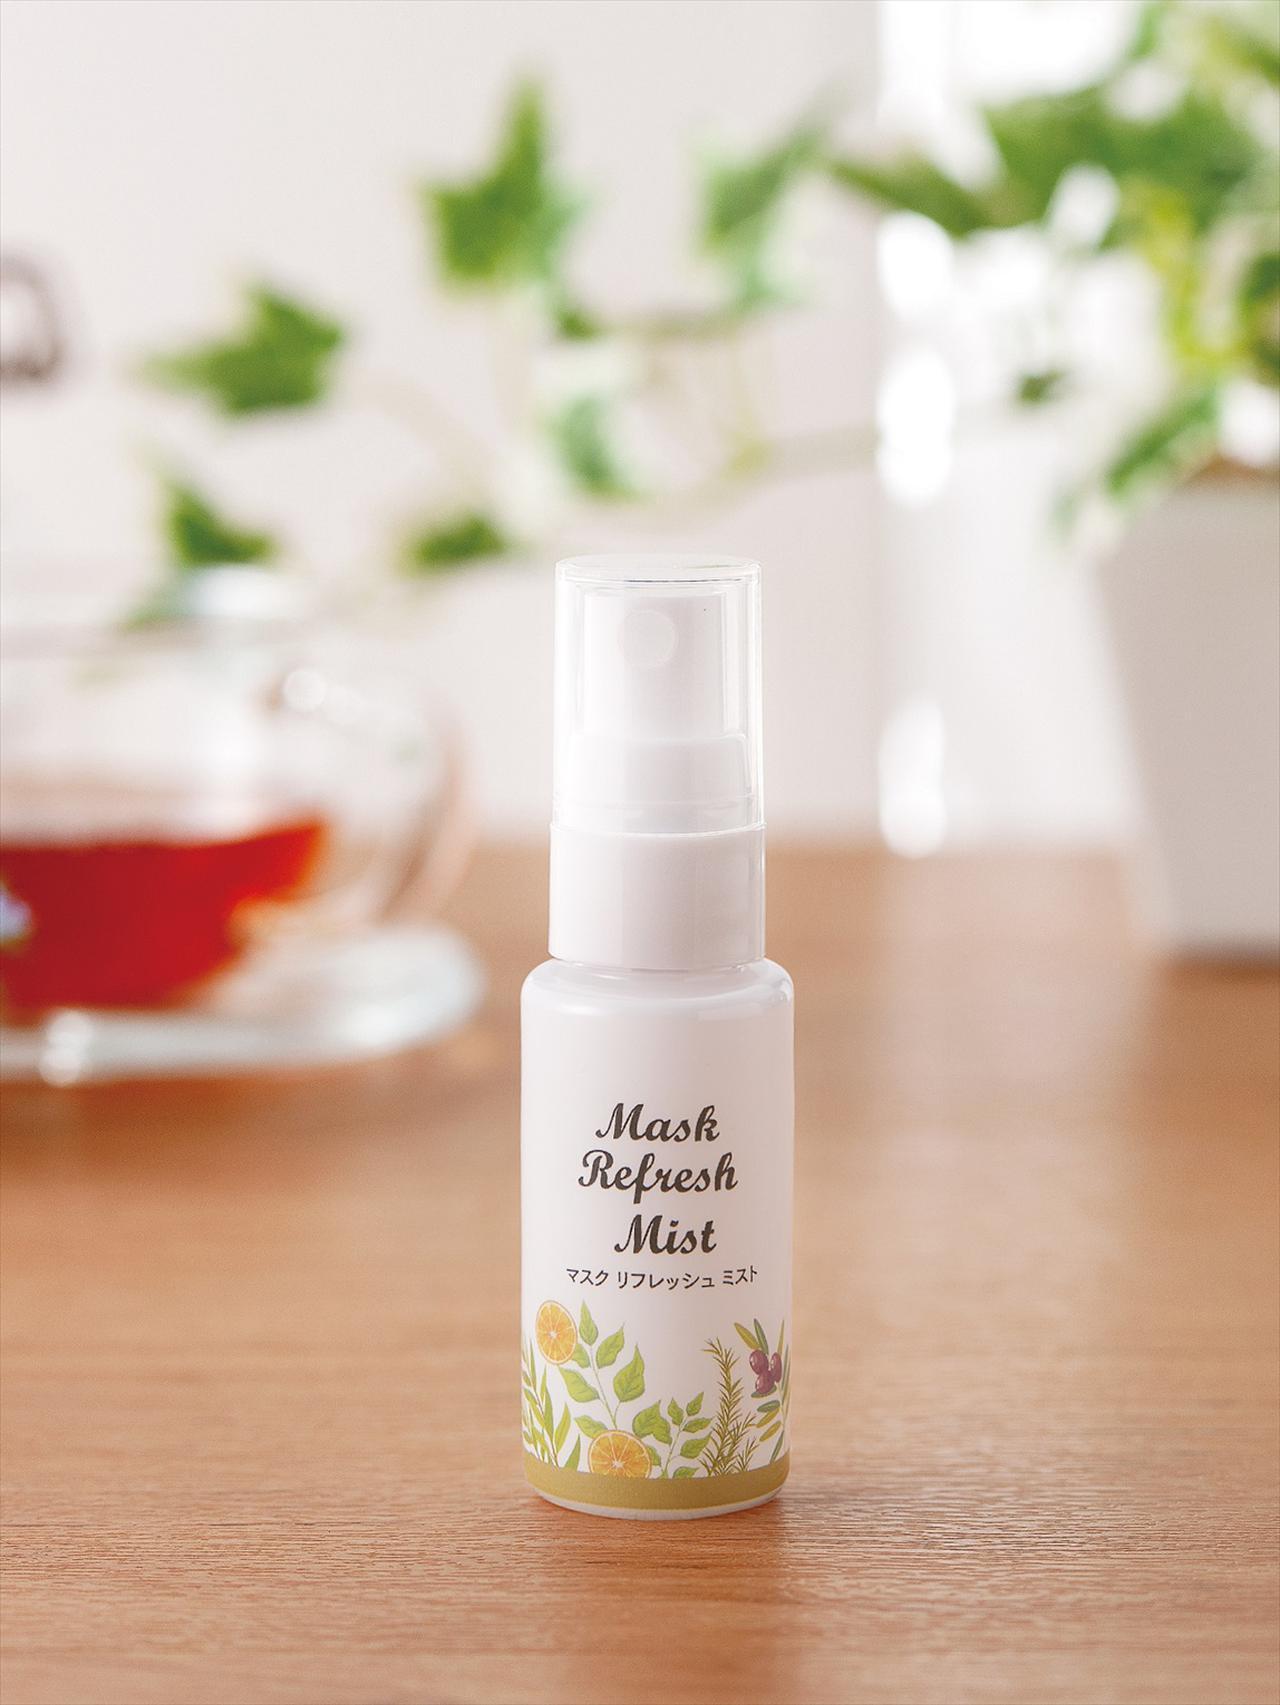 画像2: 除菌力99.9%+天然アロマの香り♡ マスク用スプレー 新発売